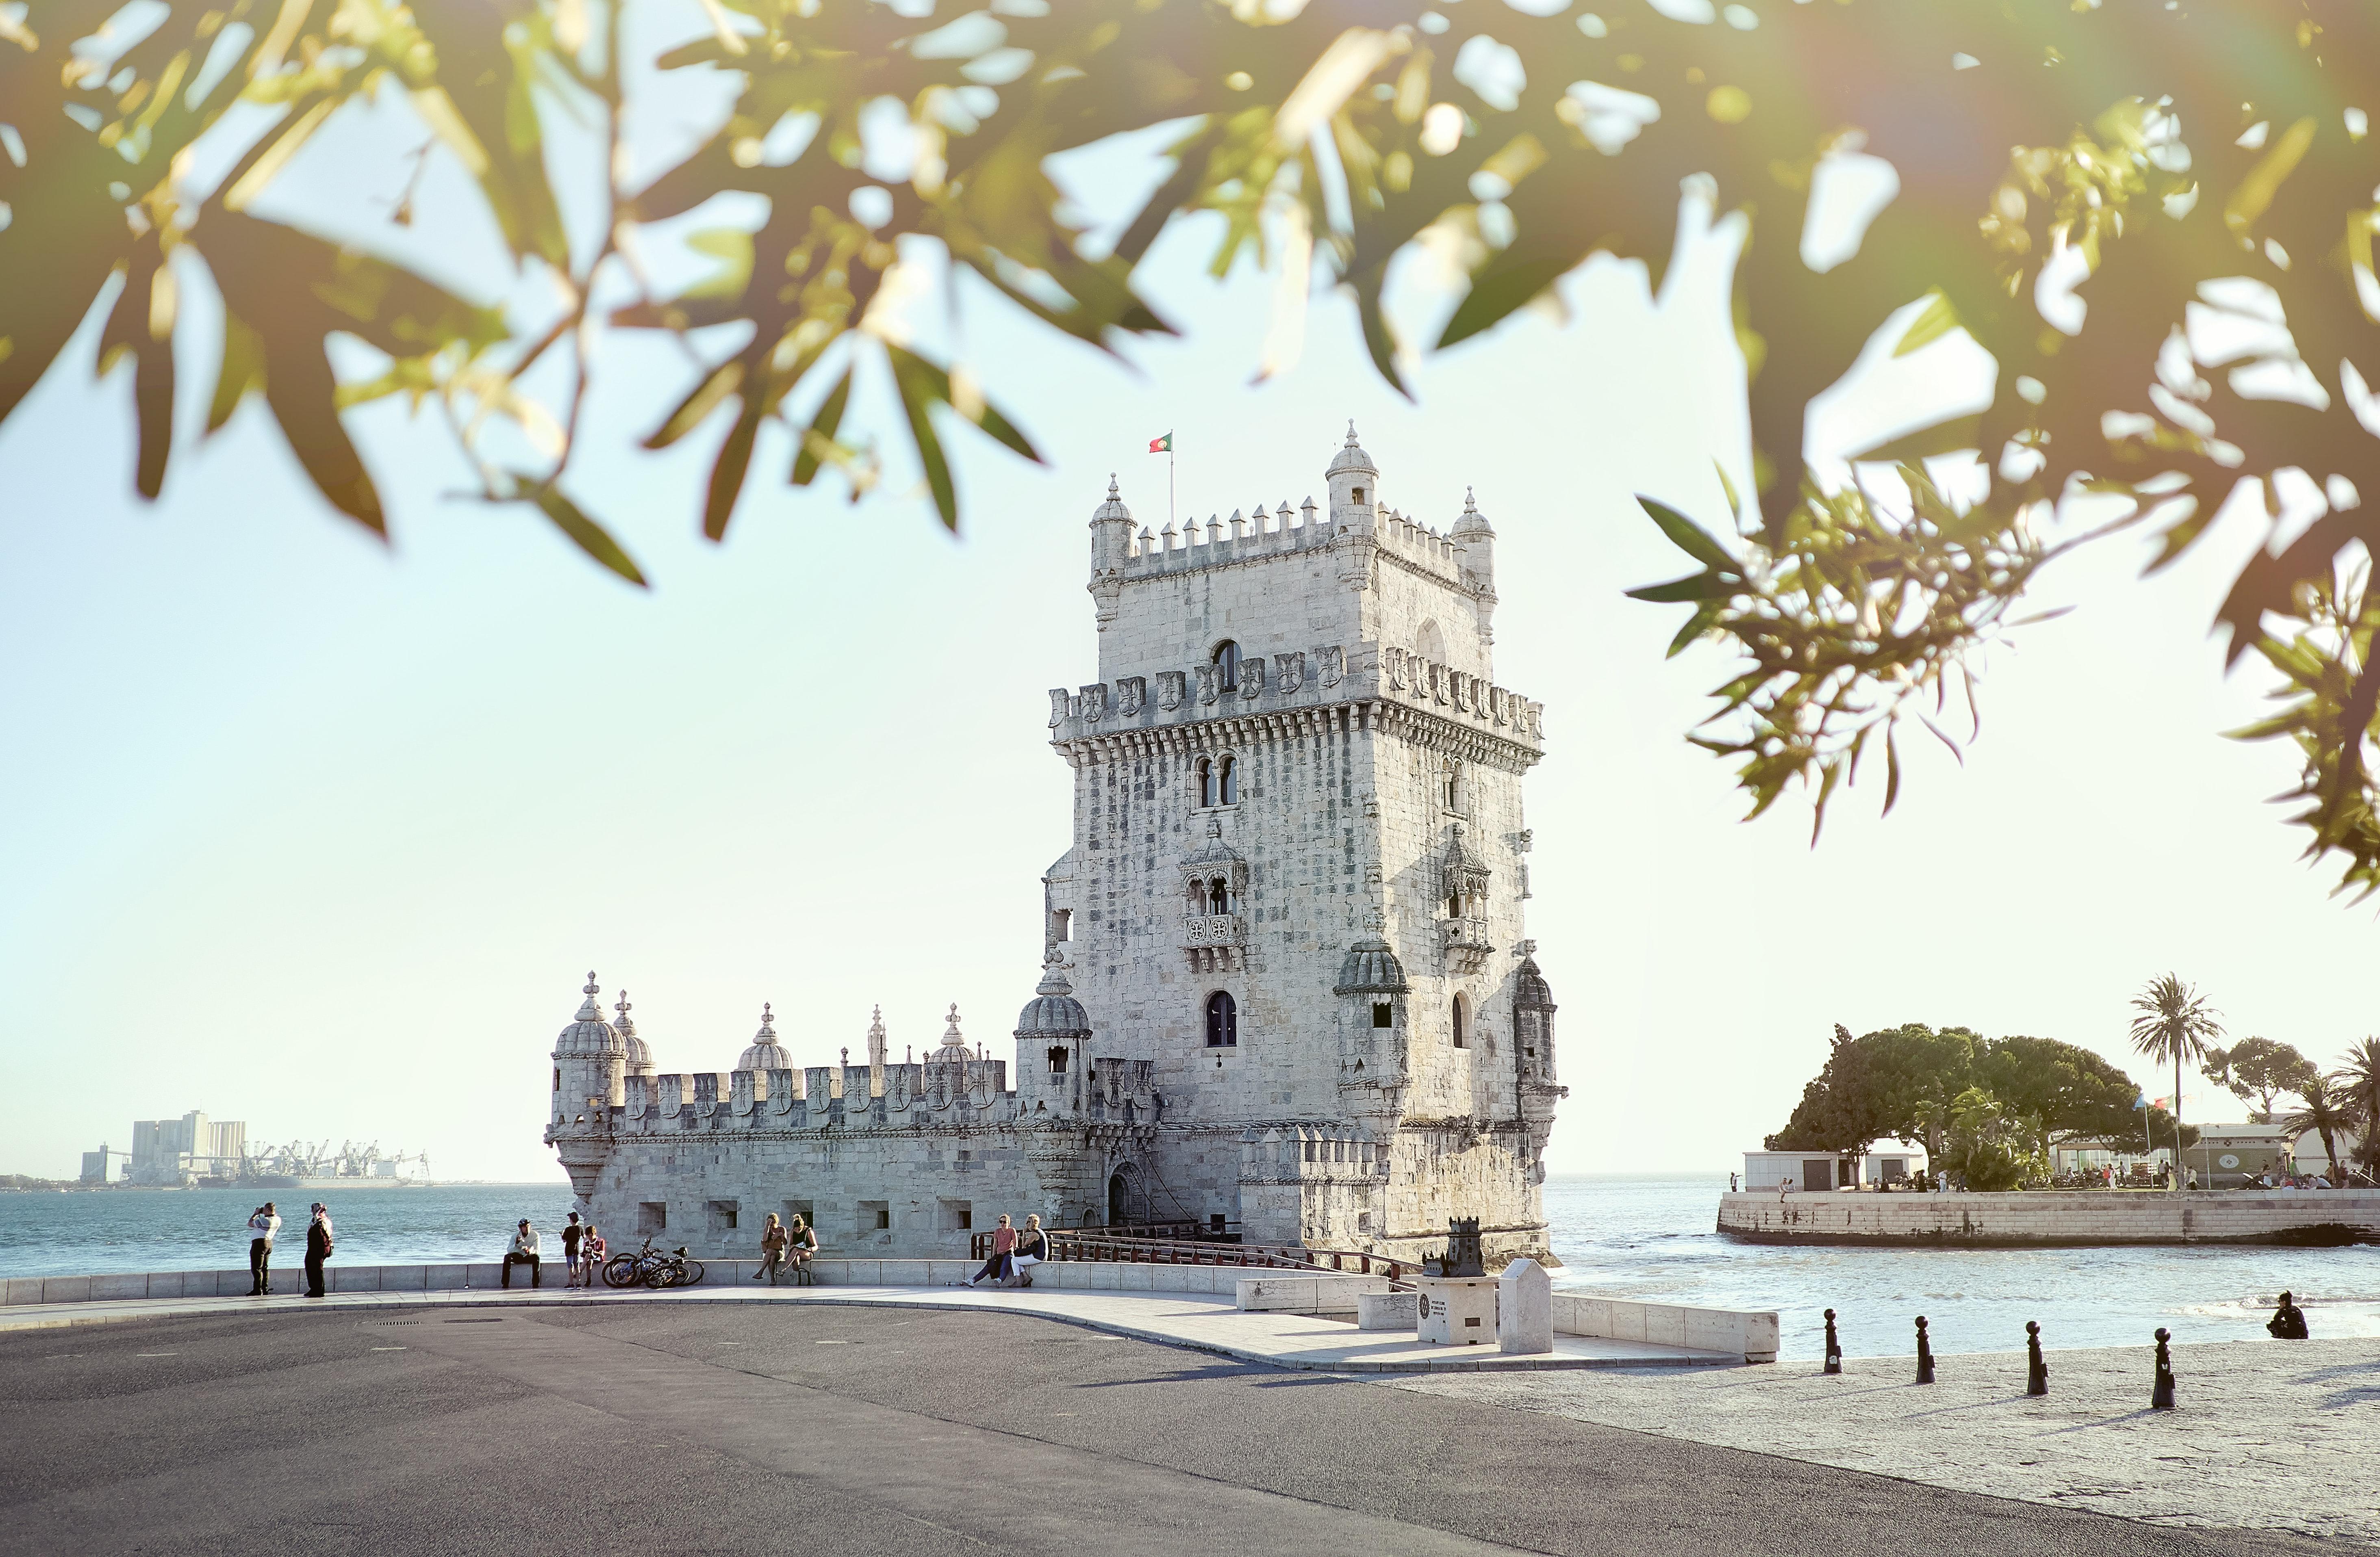 Turismo é um dos motores da economia nacional e um dos mais afetados pela crise. / Photo by Alex Paganelli on Unsplash